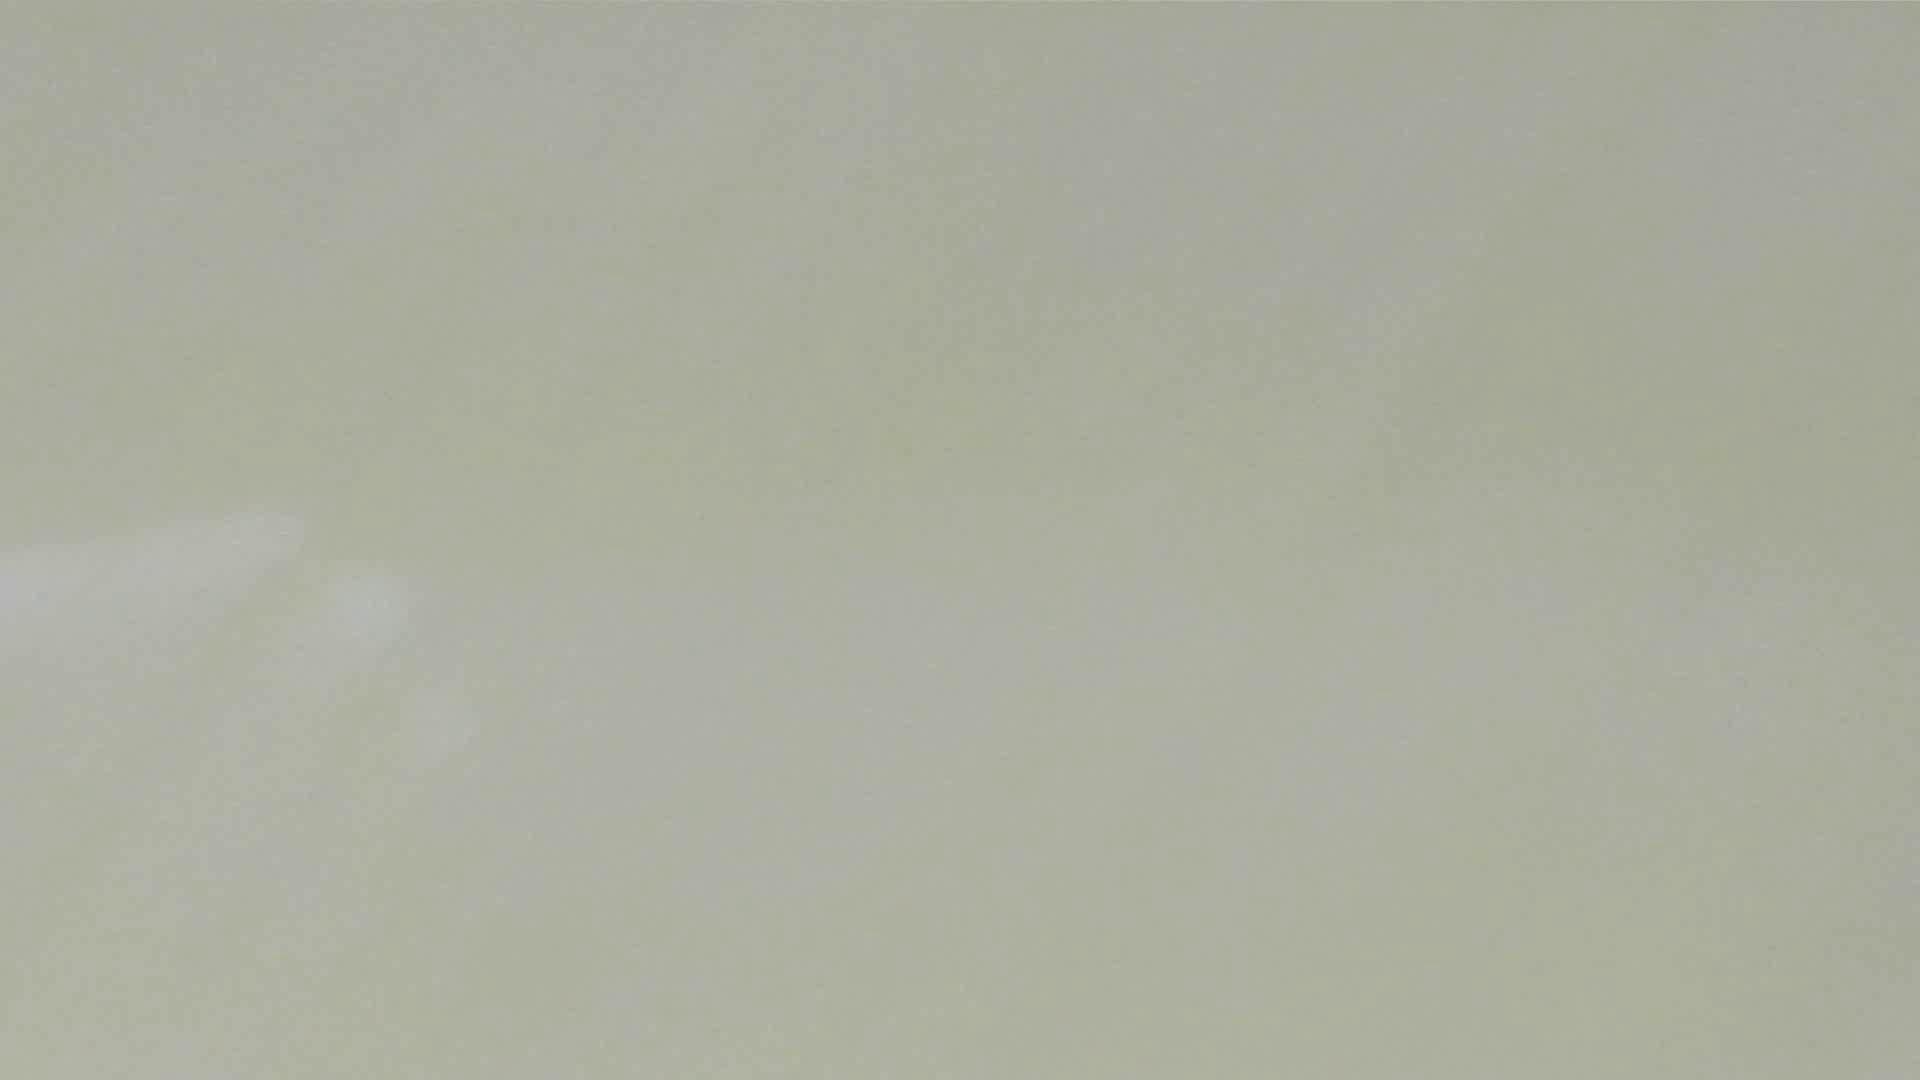 【美しき個室な世界】 vol.017 (゜∀゜) 高評価 | 高画質  108枚 106